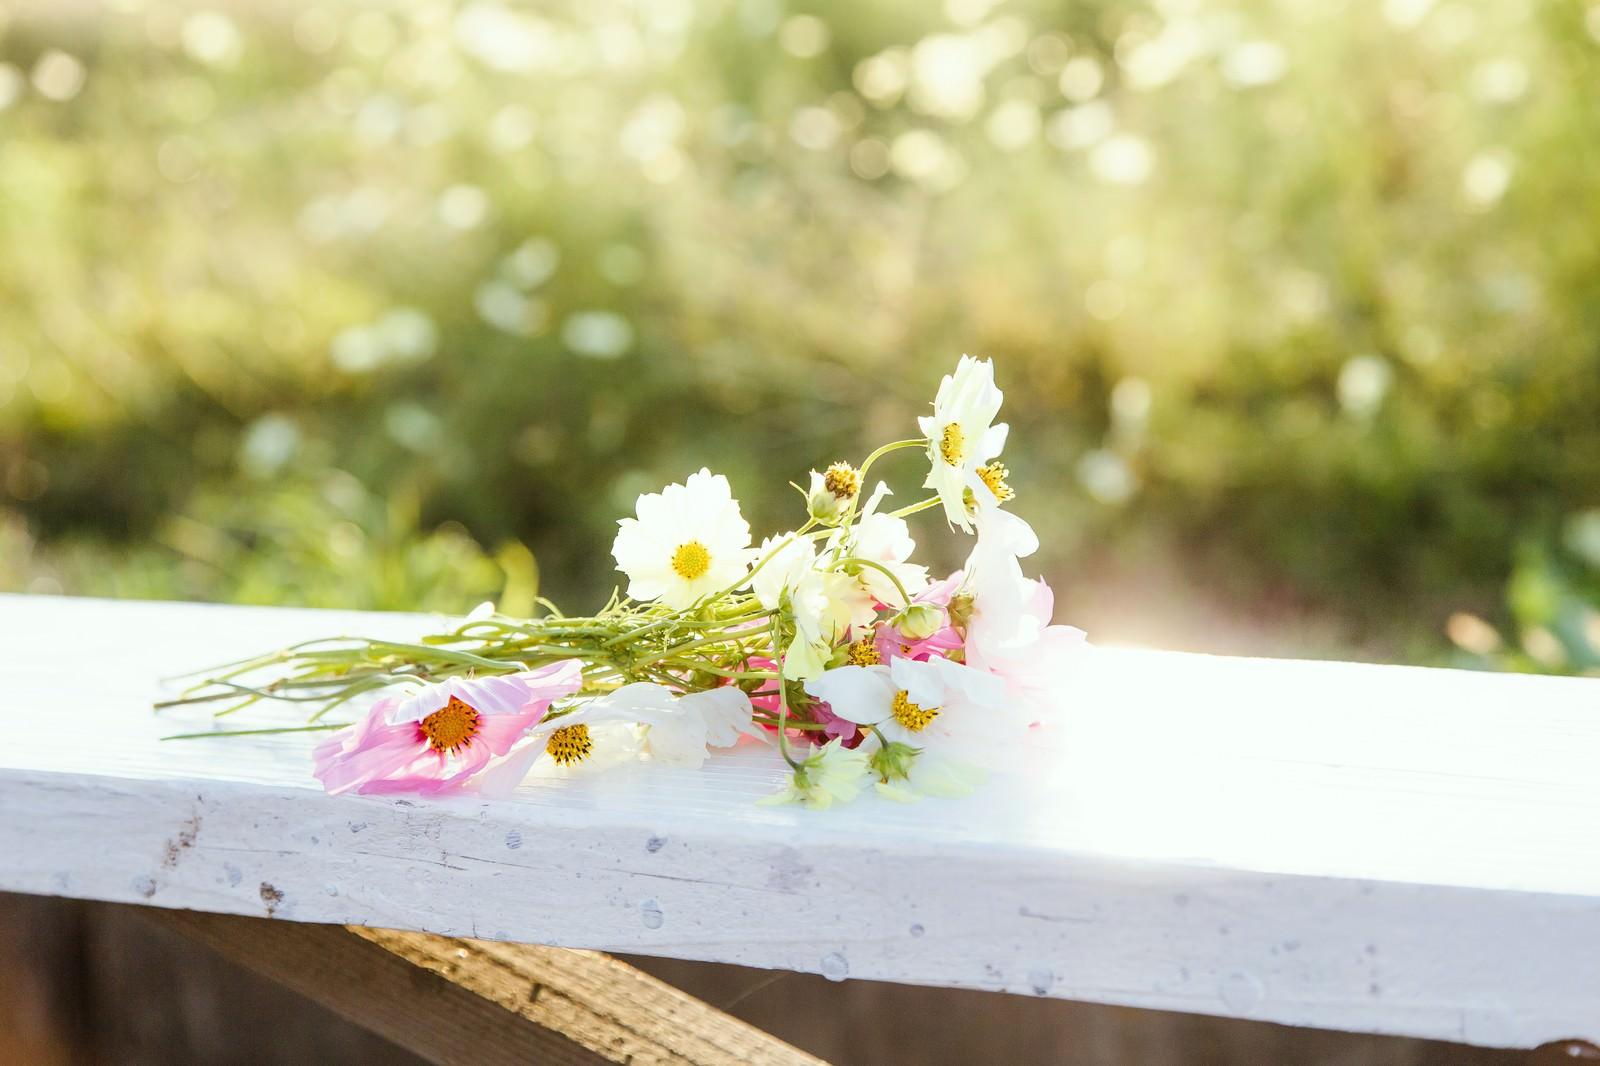 「手すりに置かれた花束」の写真